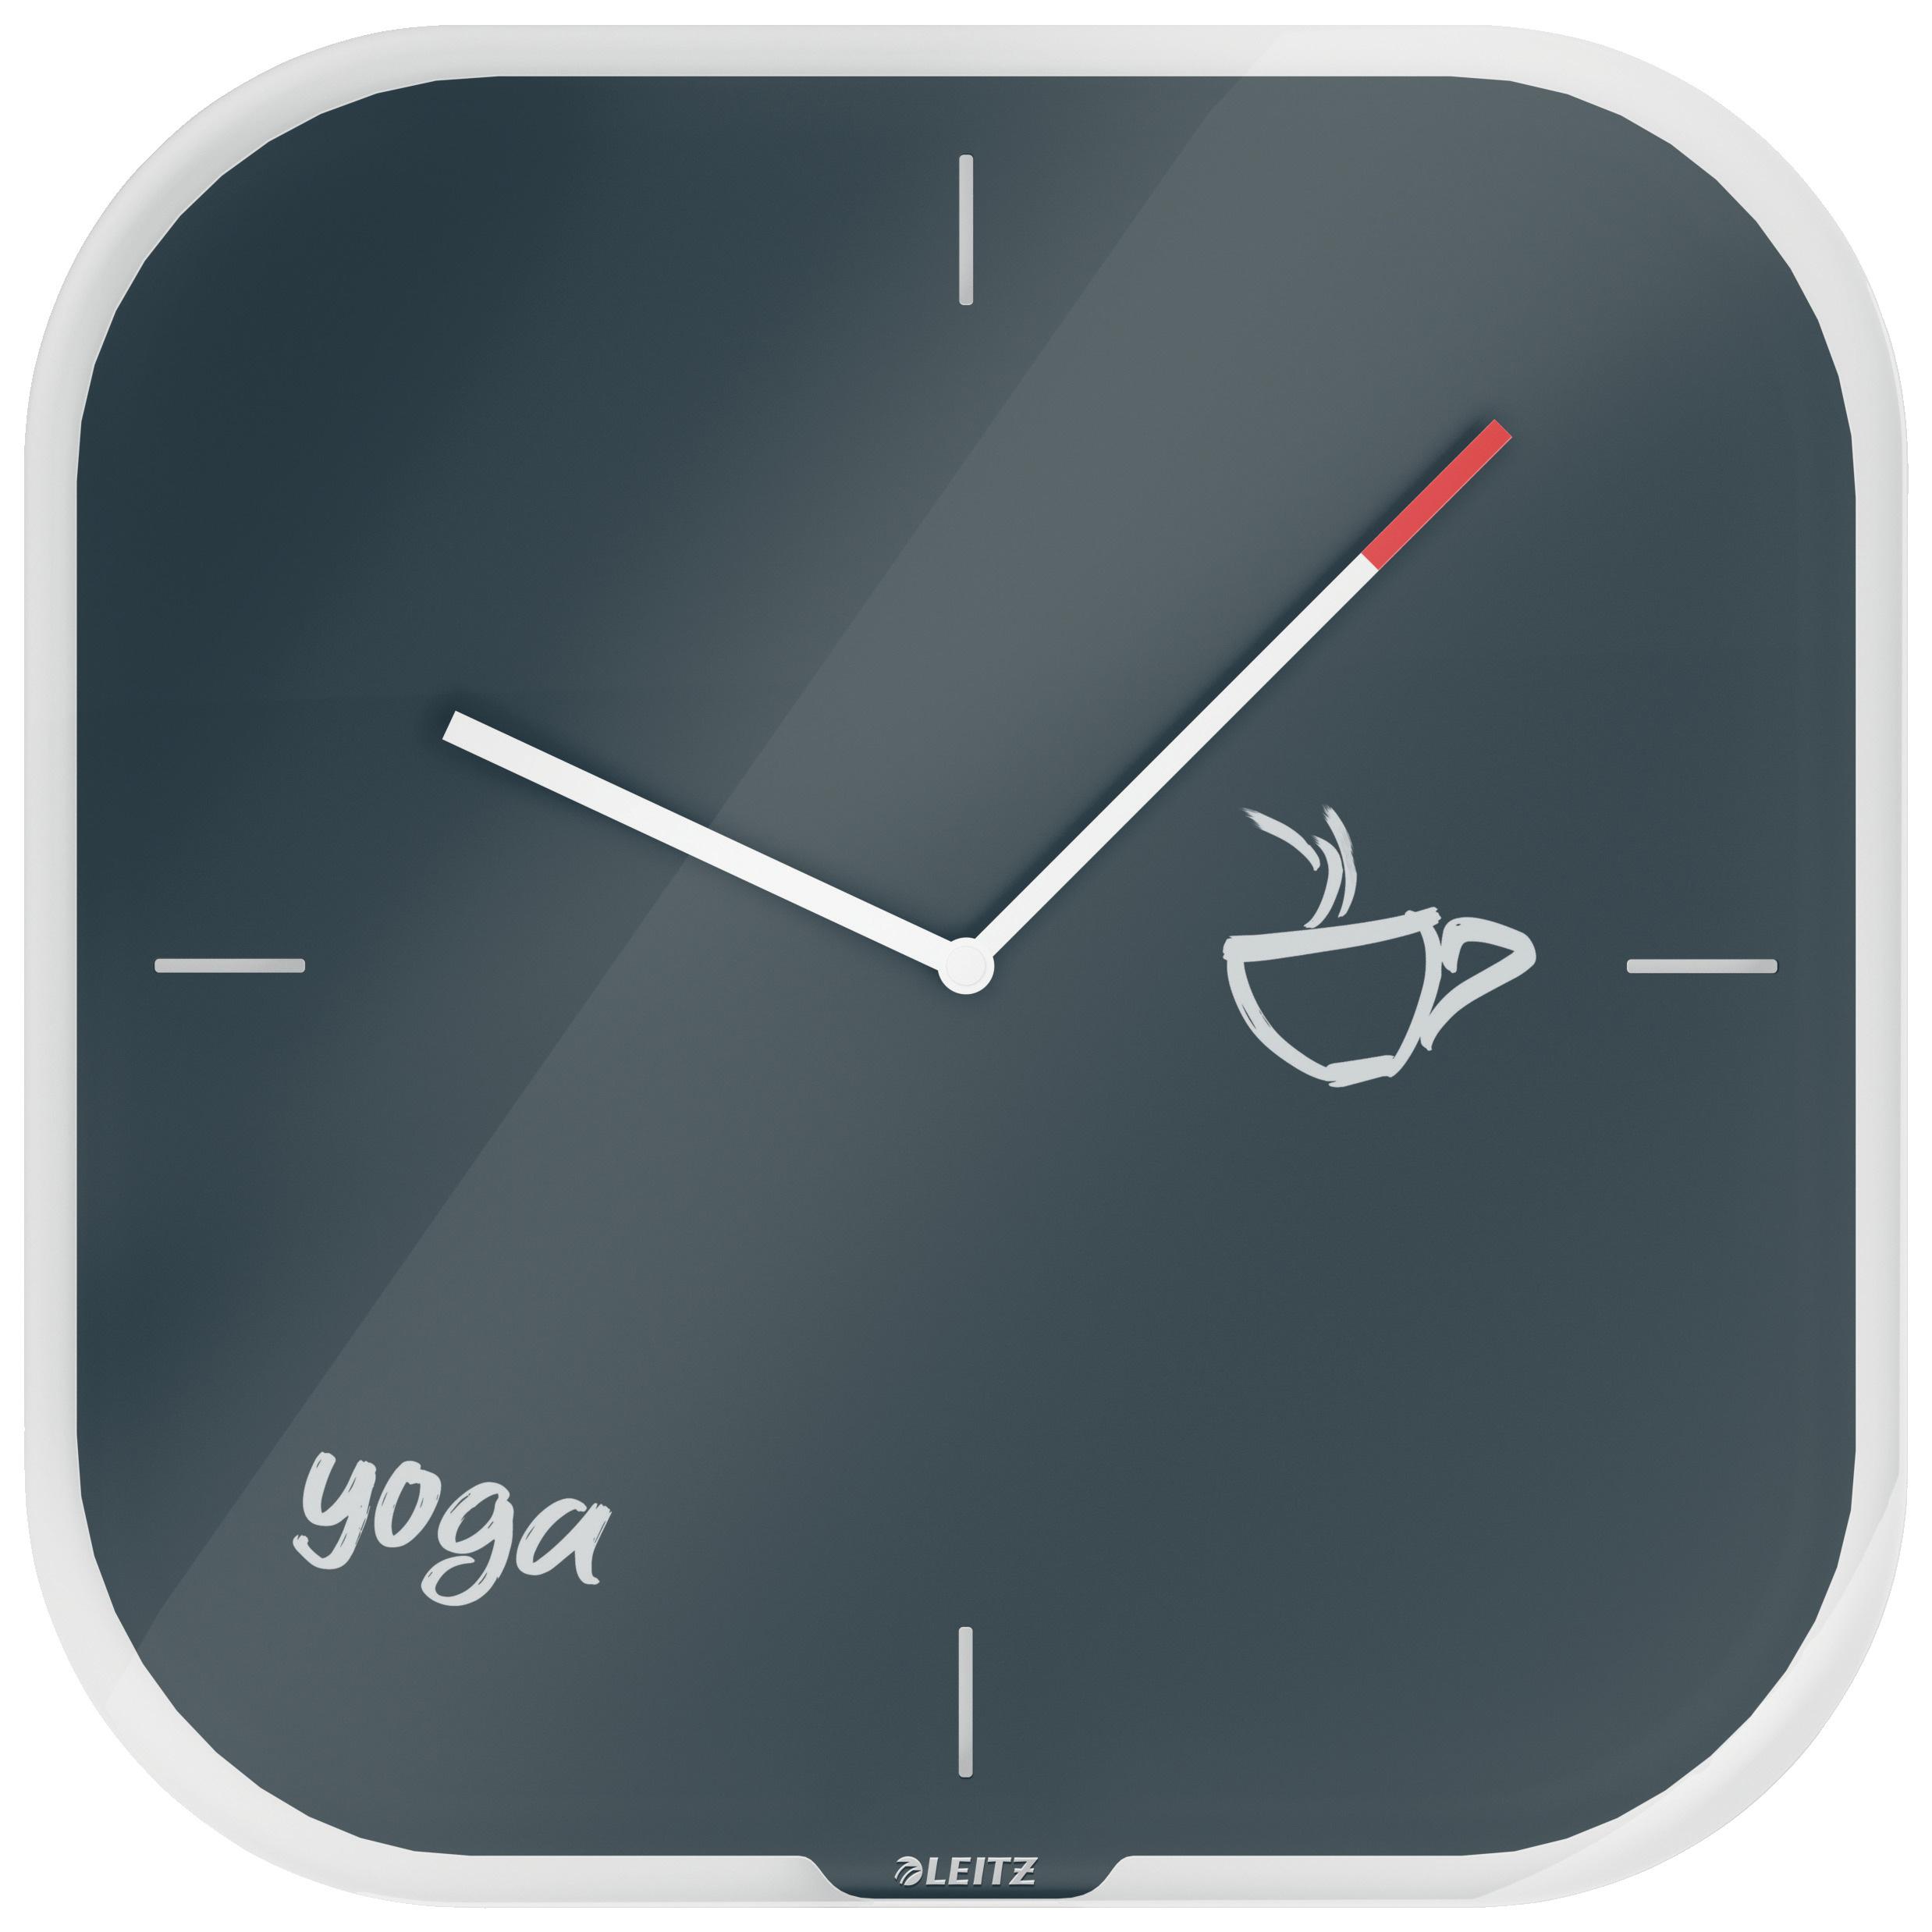 Часы настенные Cosy, квадратные, стекло, серый LEITZ - фото 7